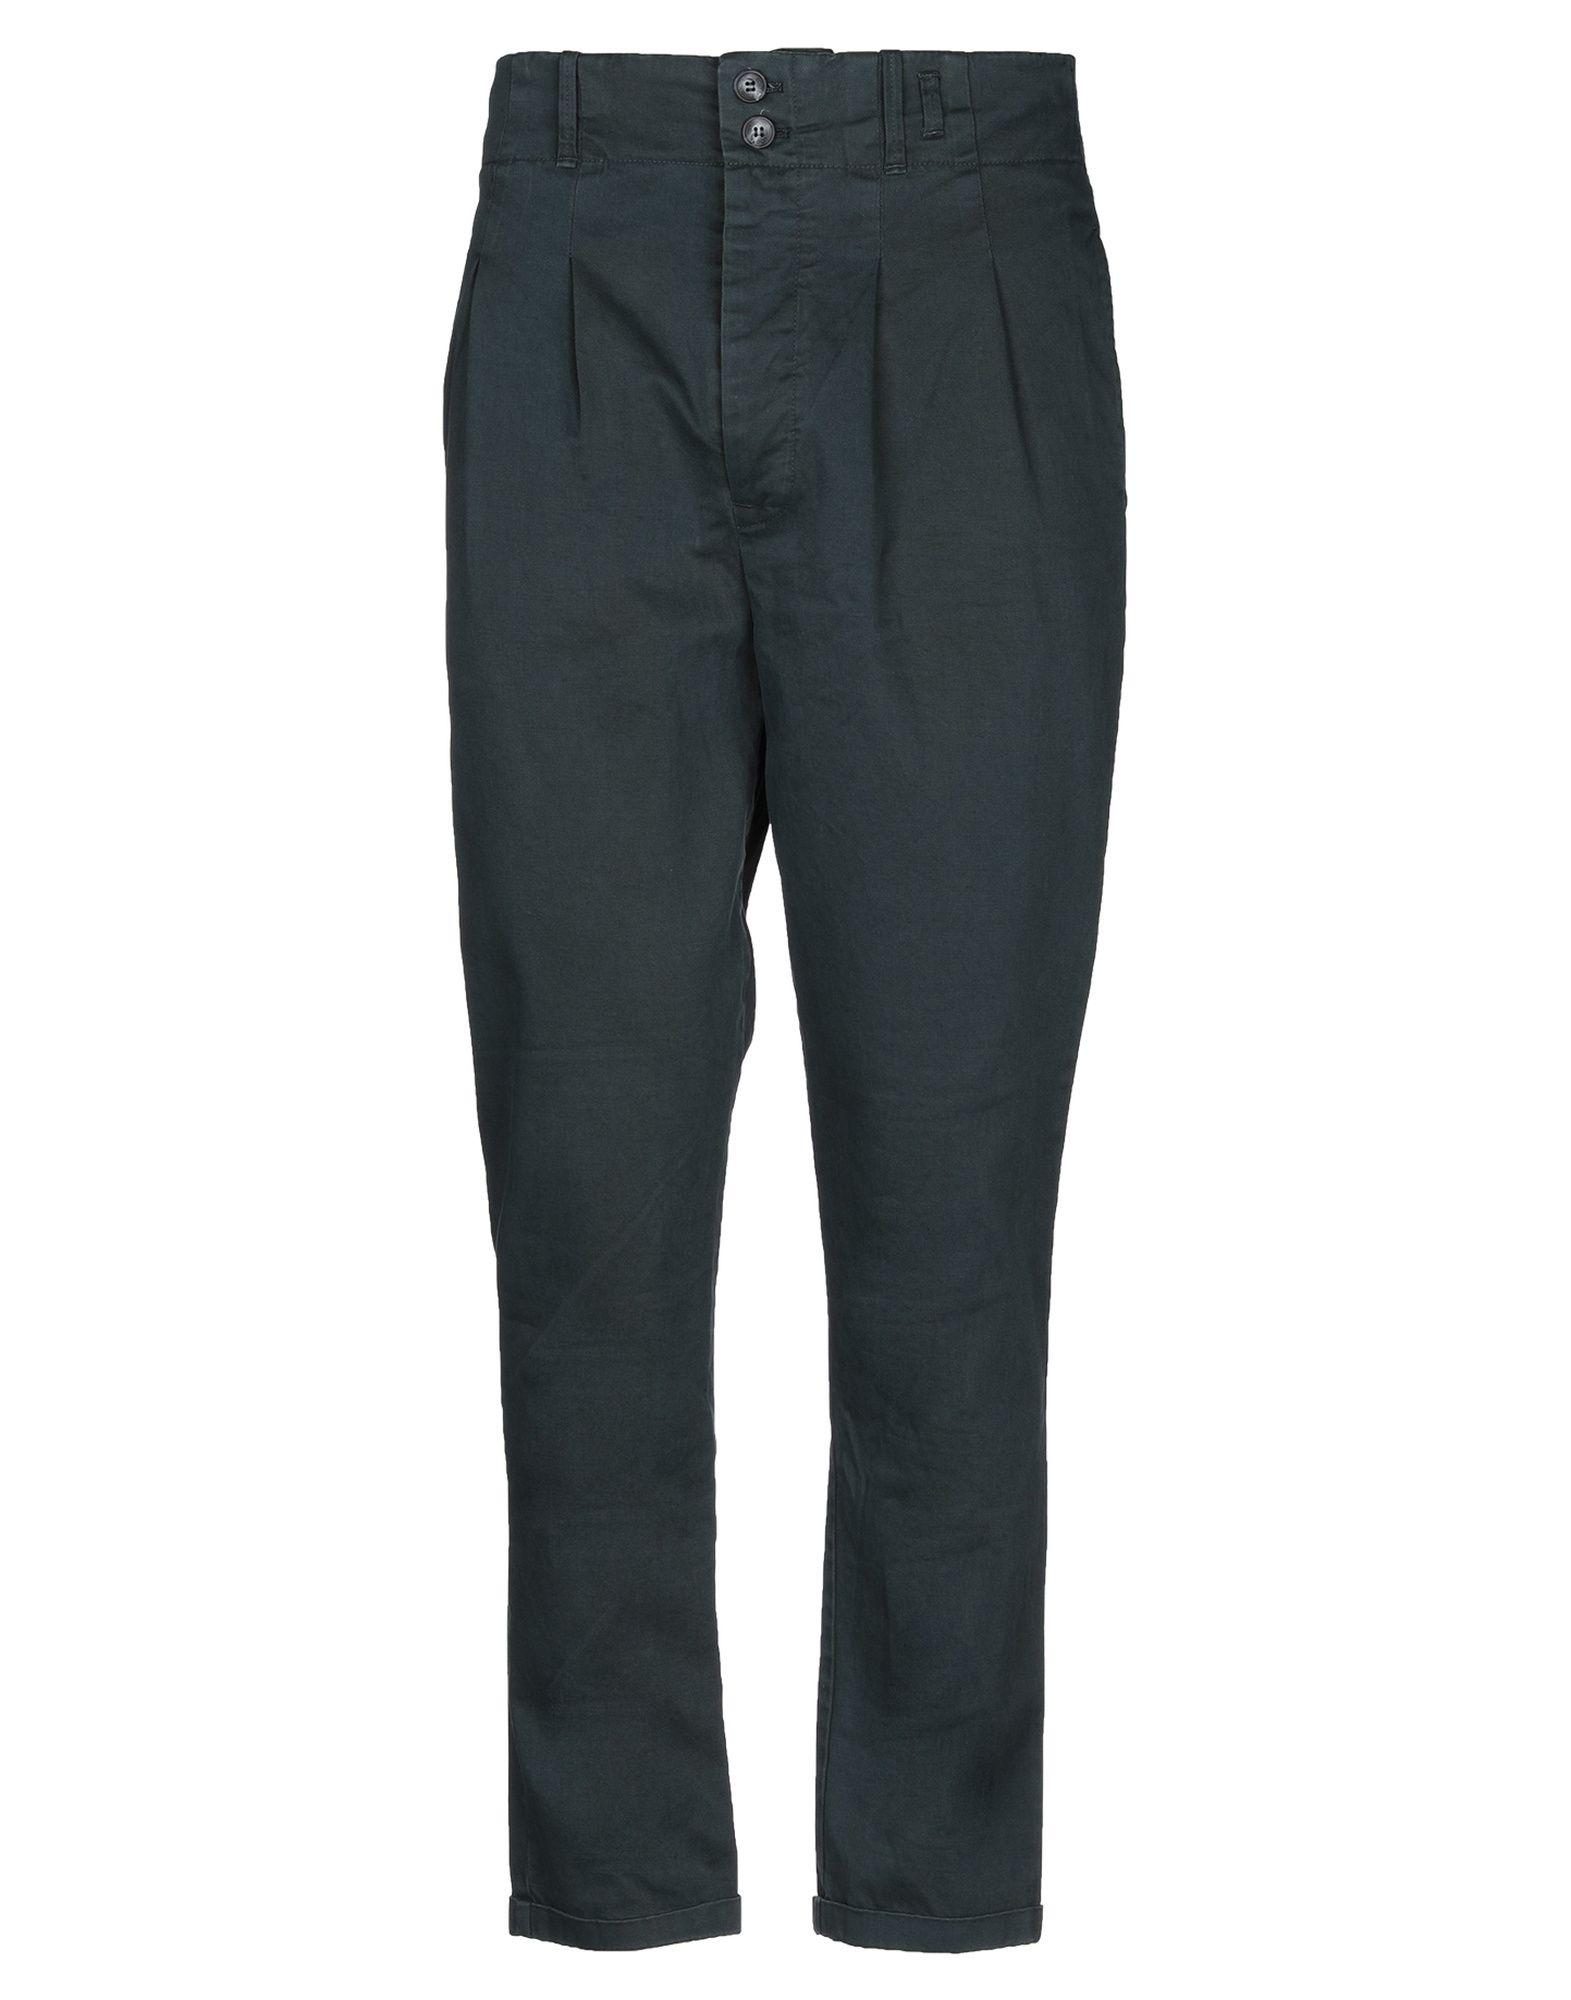 купить KOON Повседневные брюки по цене 4840 рублей